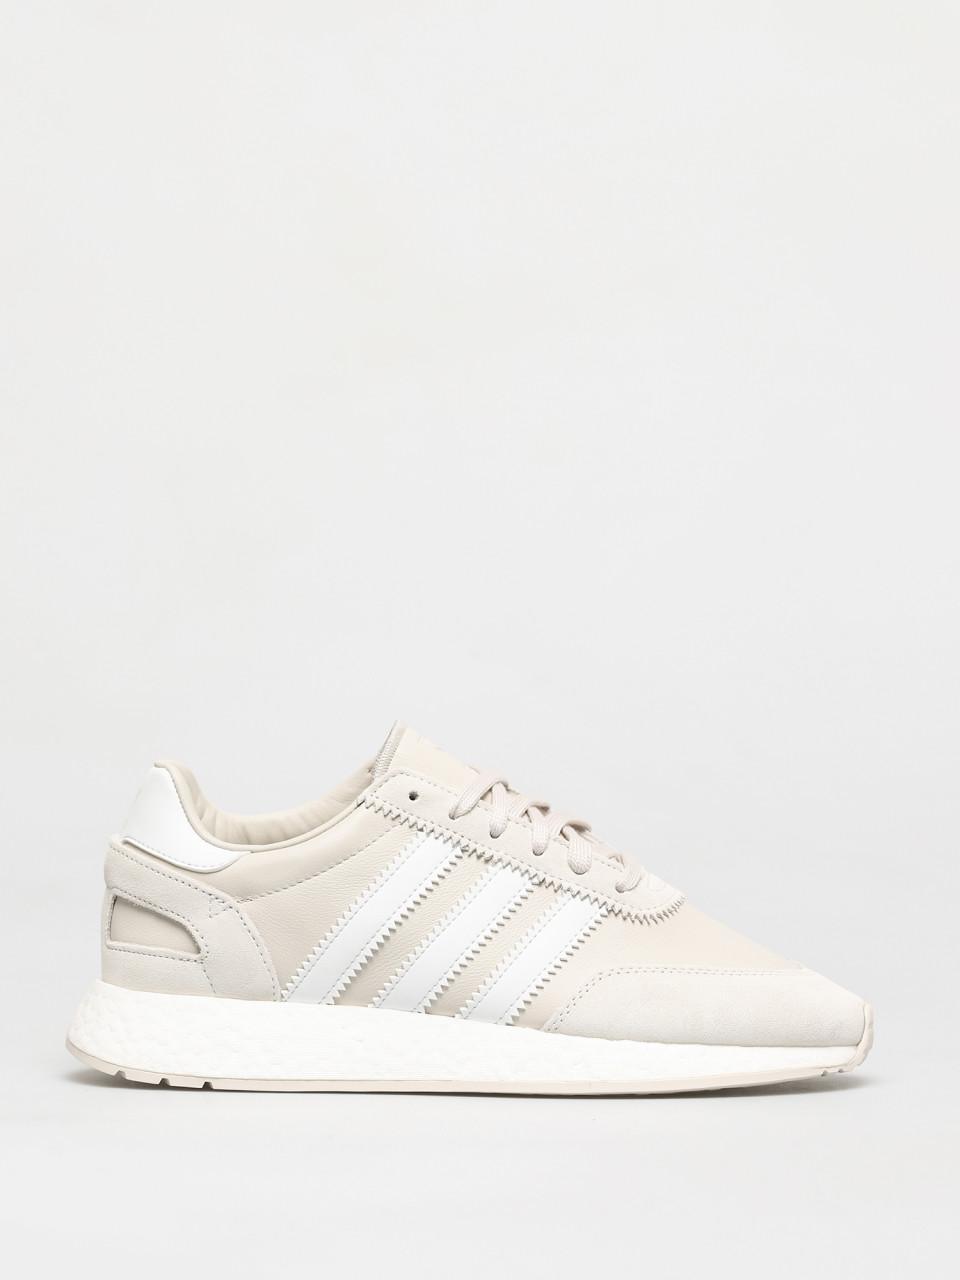 Adidas Originals I-5923 Sneaker Raw White/Crystal White/White